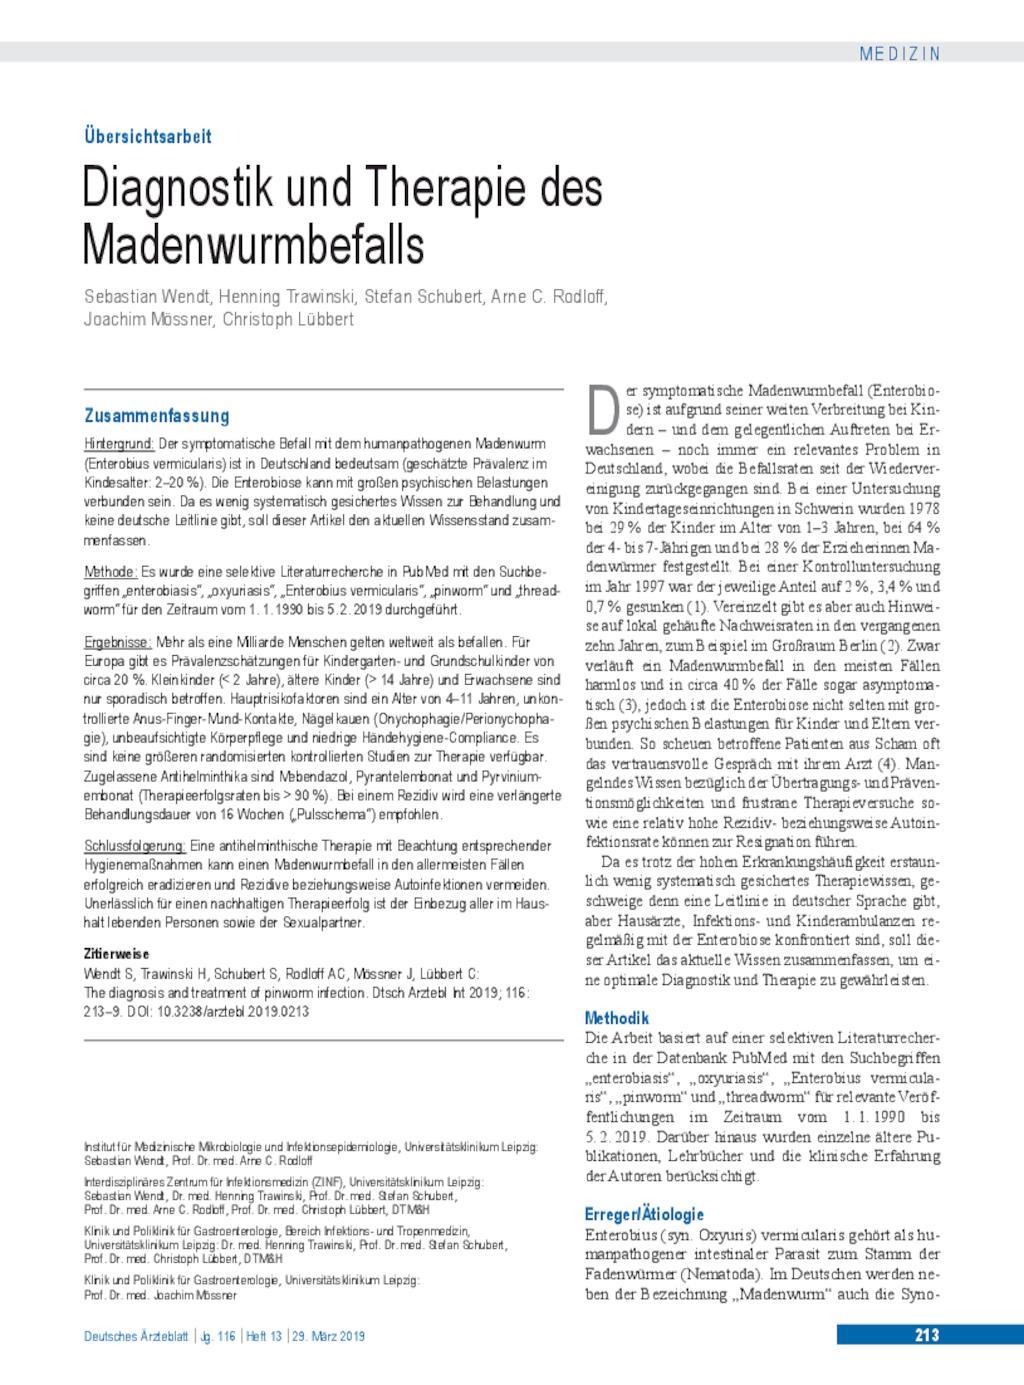 inverted papilloma nasal cavity histology papiloma humano precancer